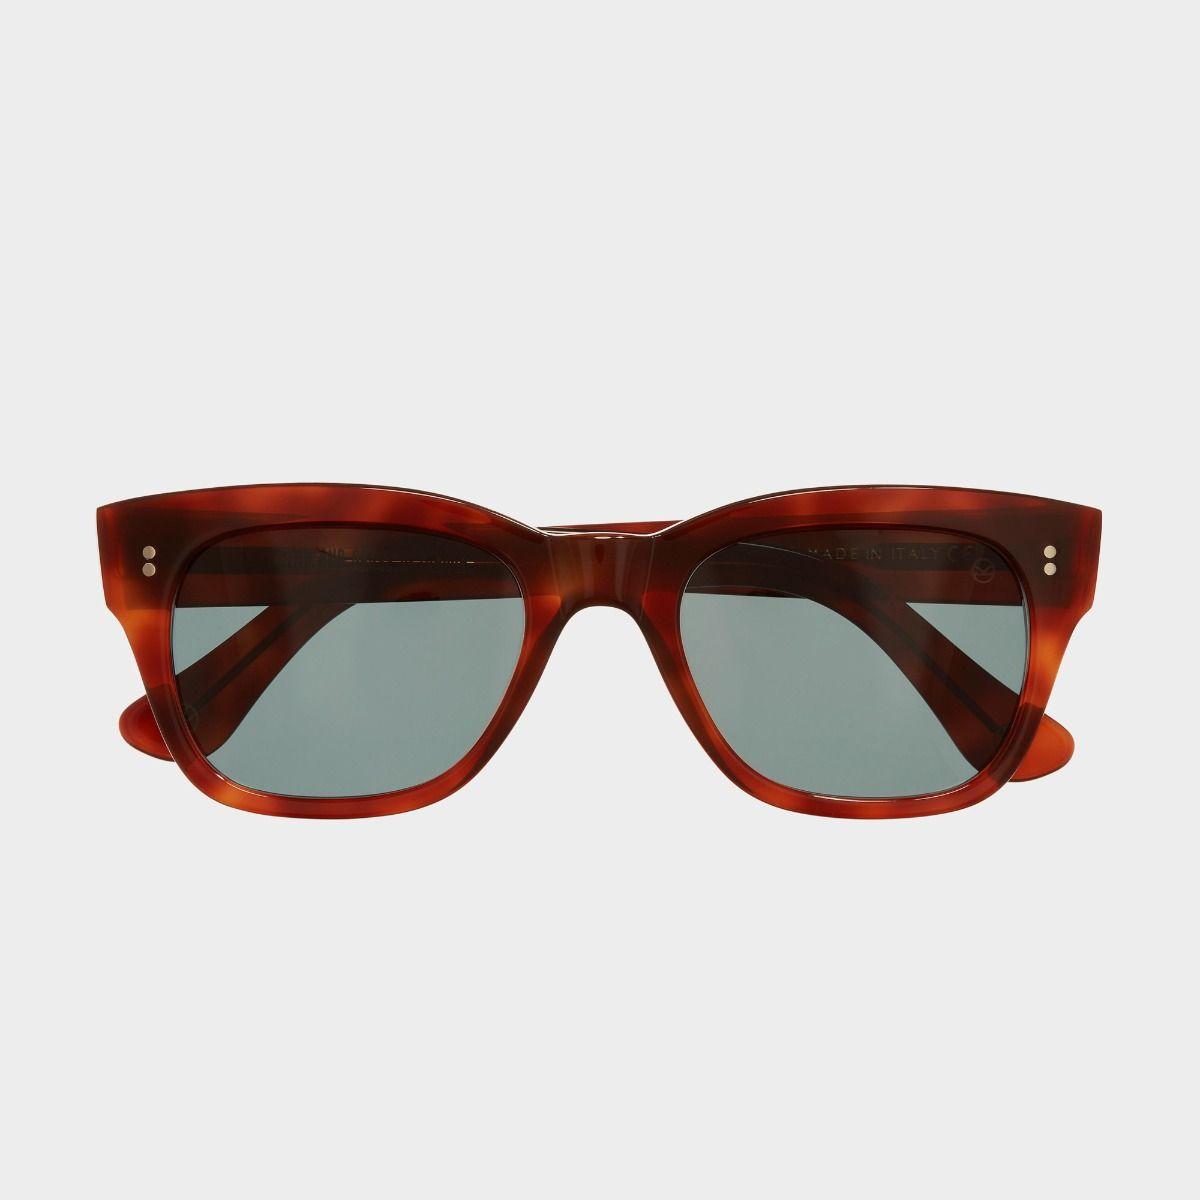 0935 Kingsman Square Sunglasses